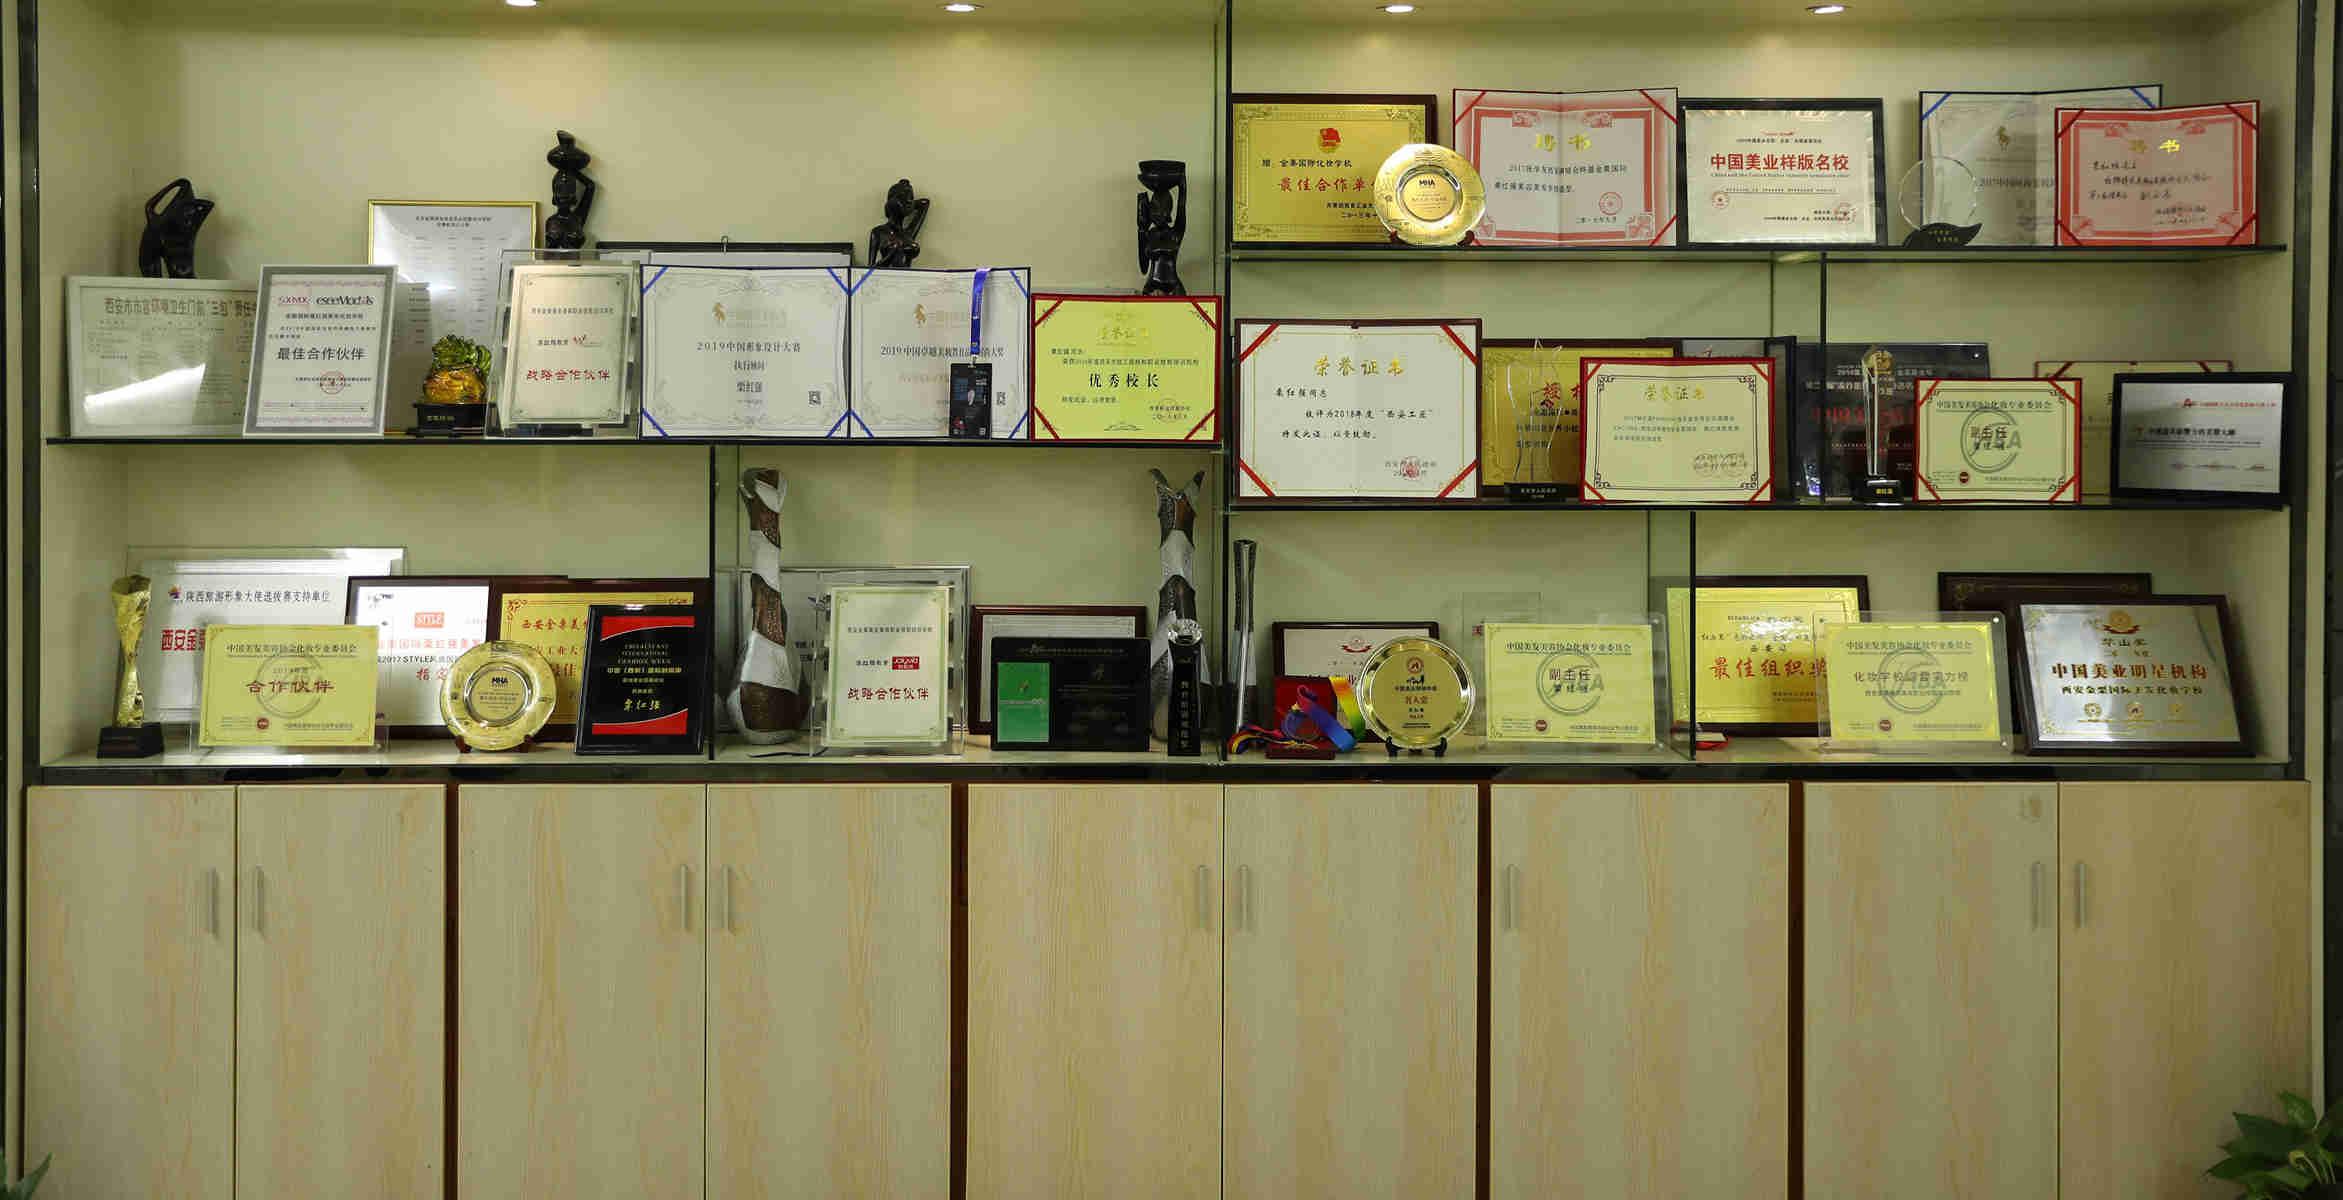 西安栗红强教育荣誉展示